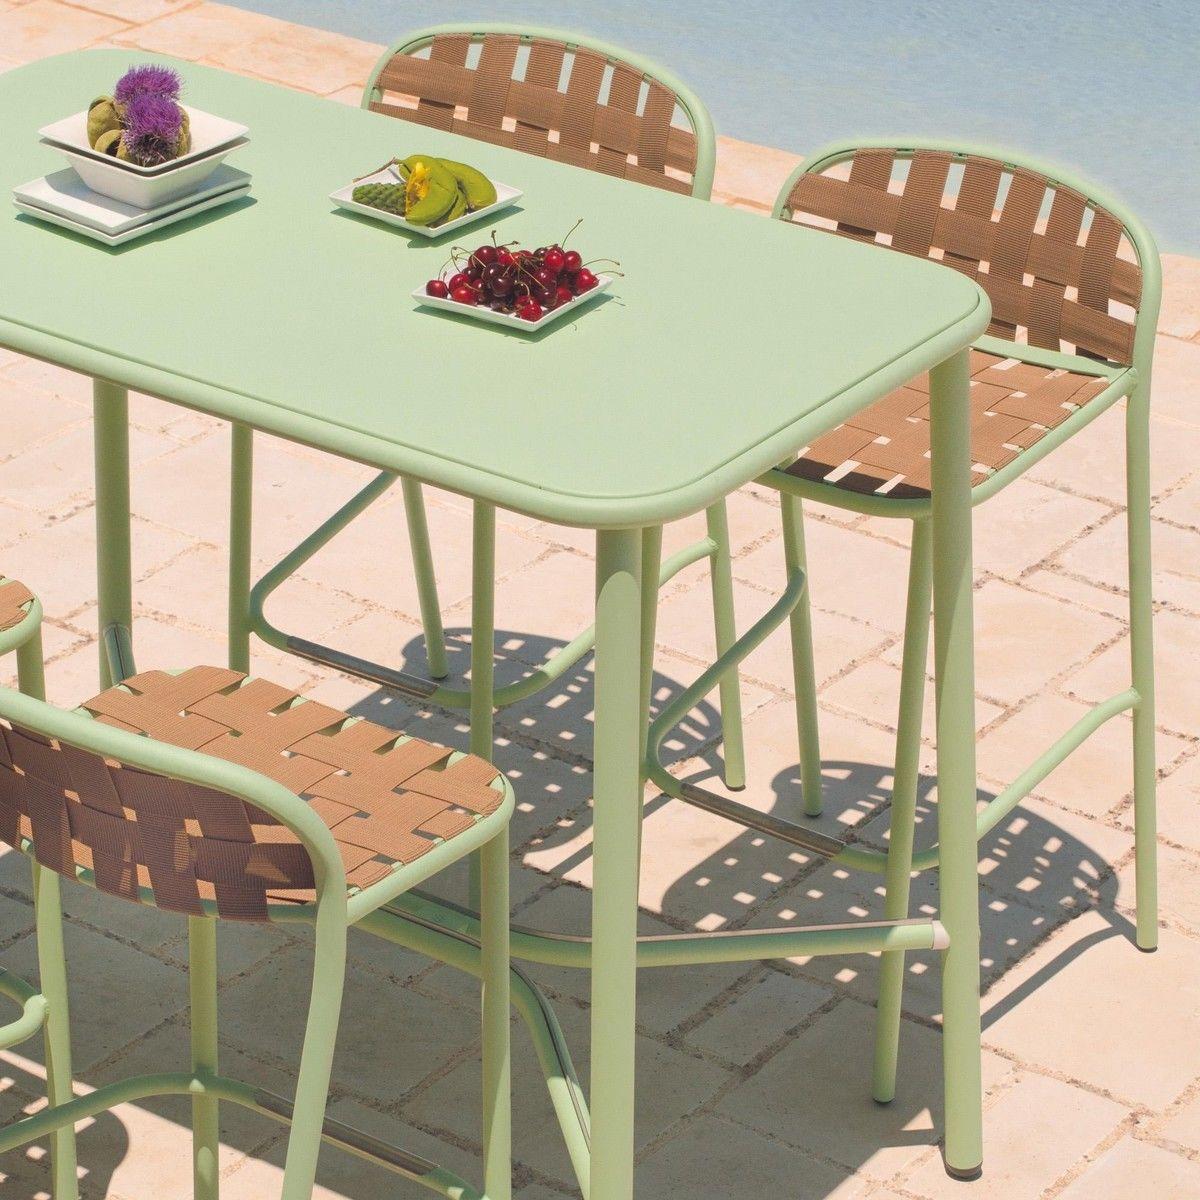 Table de jardin emu salon de jardin shine canap table basse chauffeuses emu with table de - Table jardin emu rennes ...